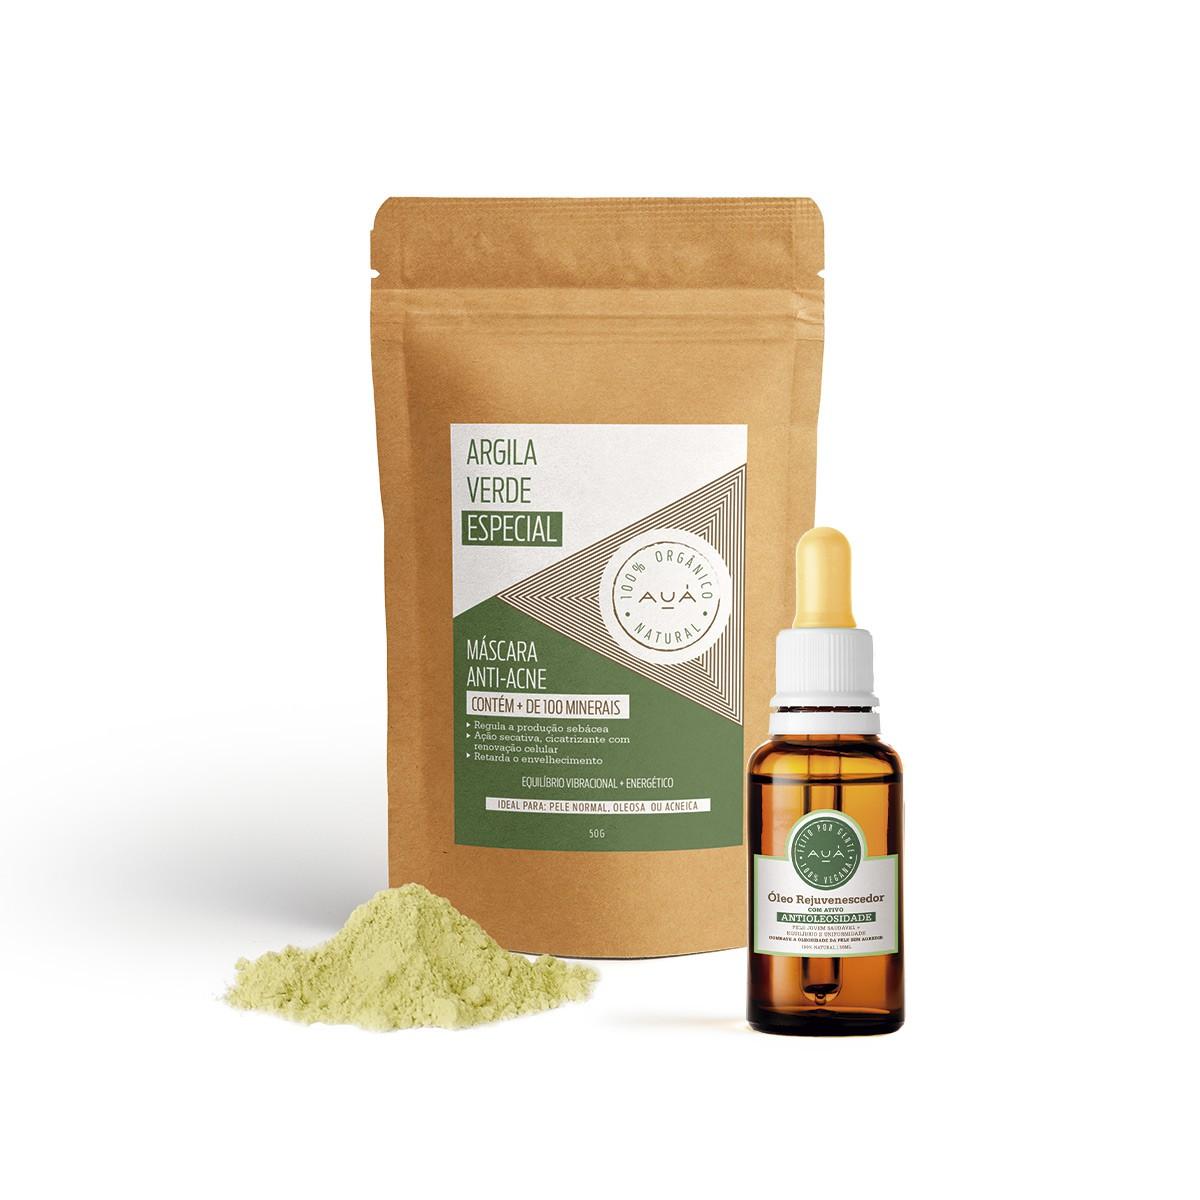 Óleo Rejuvenescedor com ativo Antioleosidade + Argila Verde